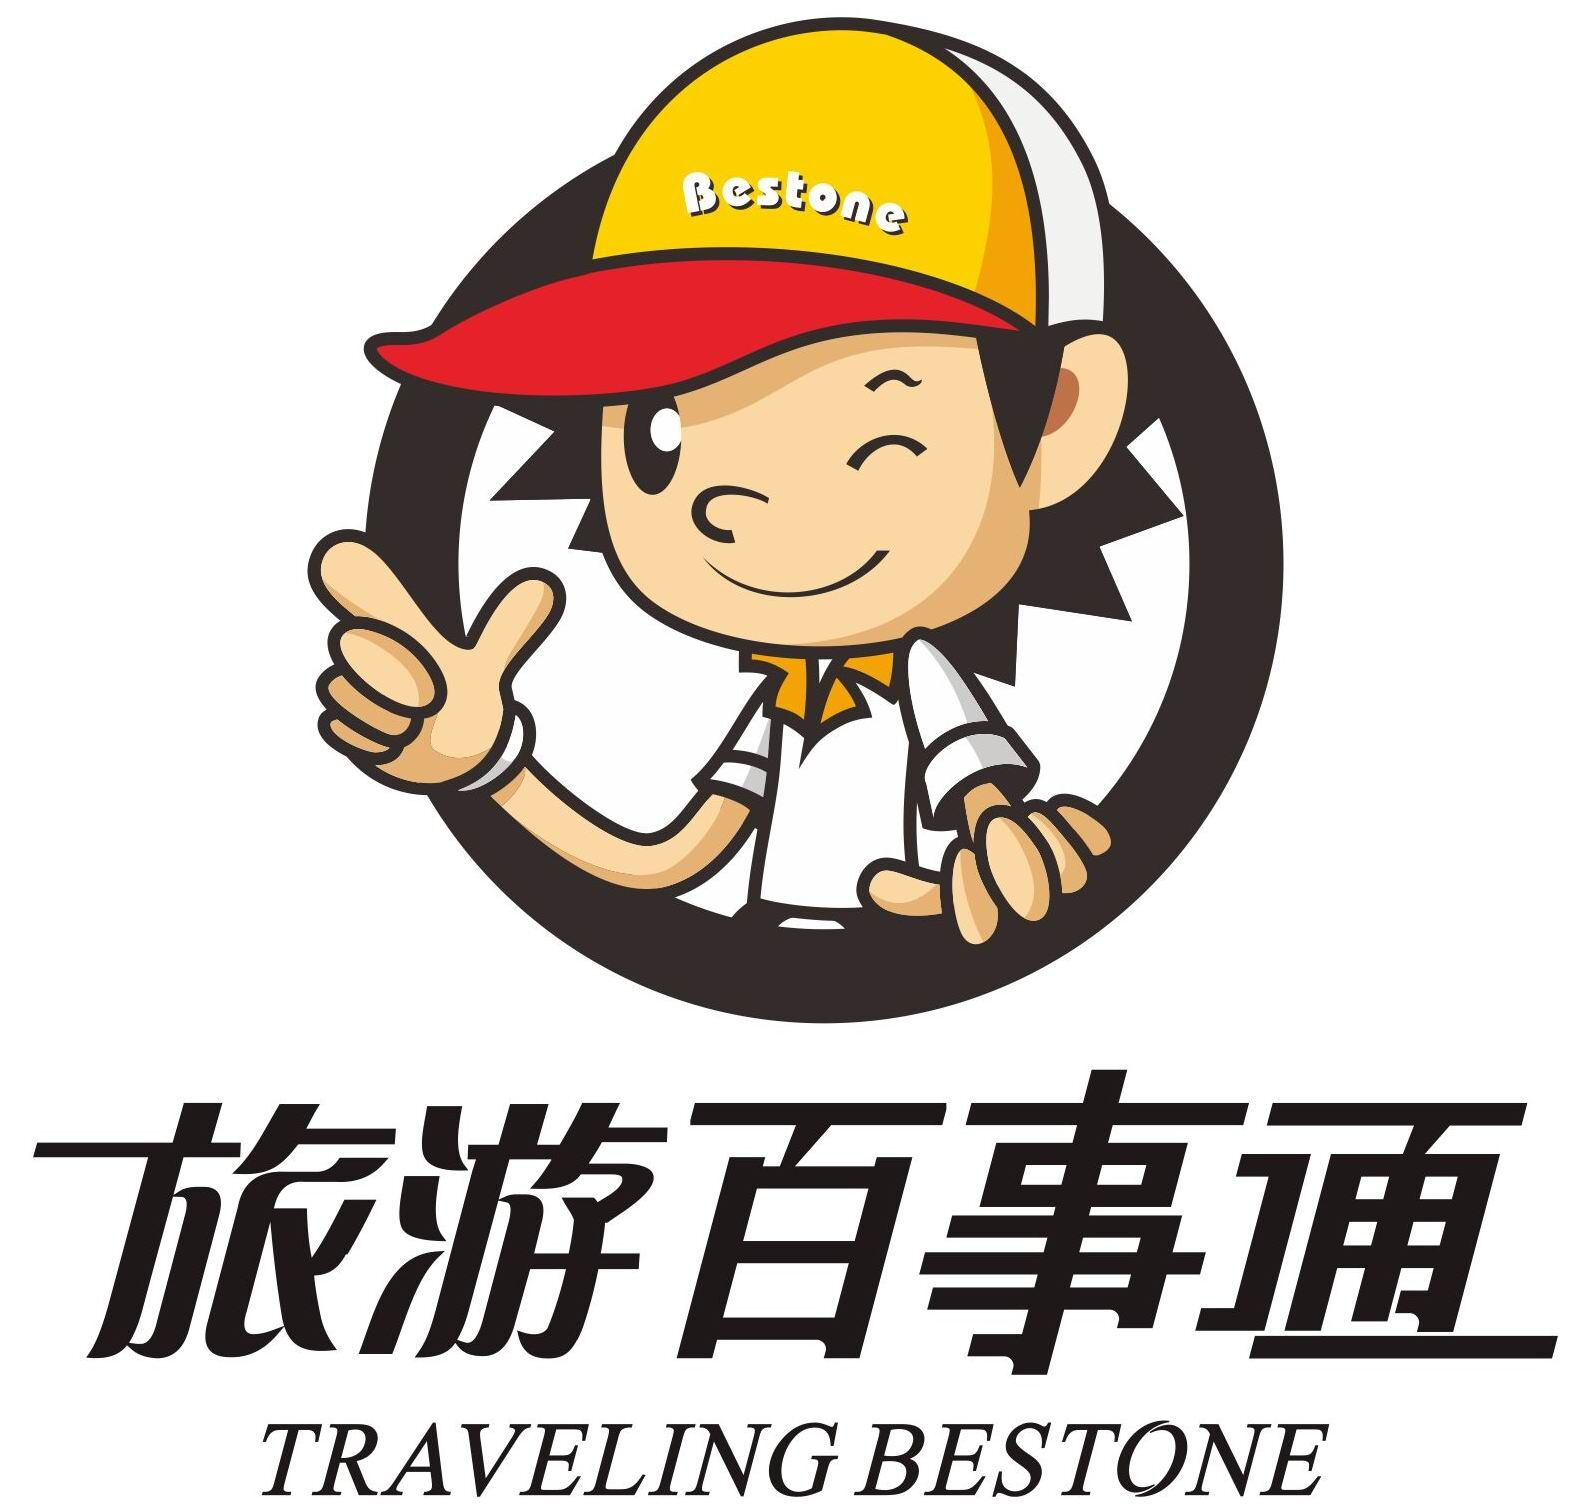 重庆海外旅业(旅行社)集团有限公司